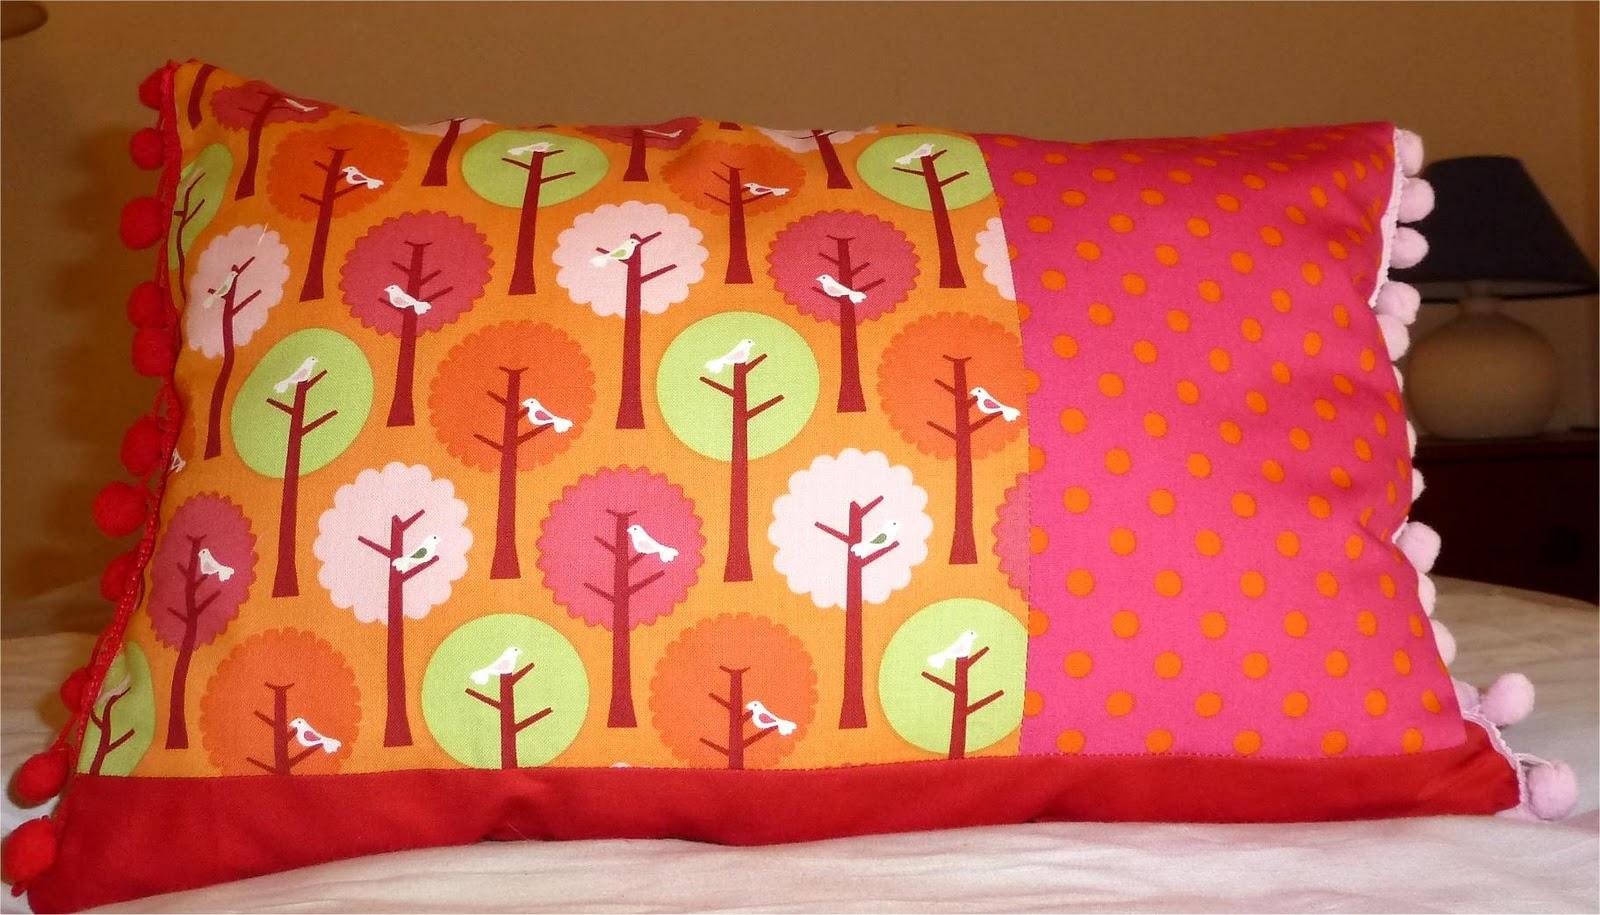 http://4.bp.blogspot.com/-yY5Q5KXAhVw/TtNfSVLMChI/AAAAAAAACOE/rhjIo3ht3J0/s1600/red+and+pink+cushion.jpg